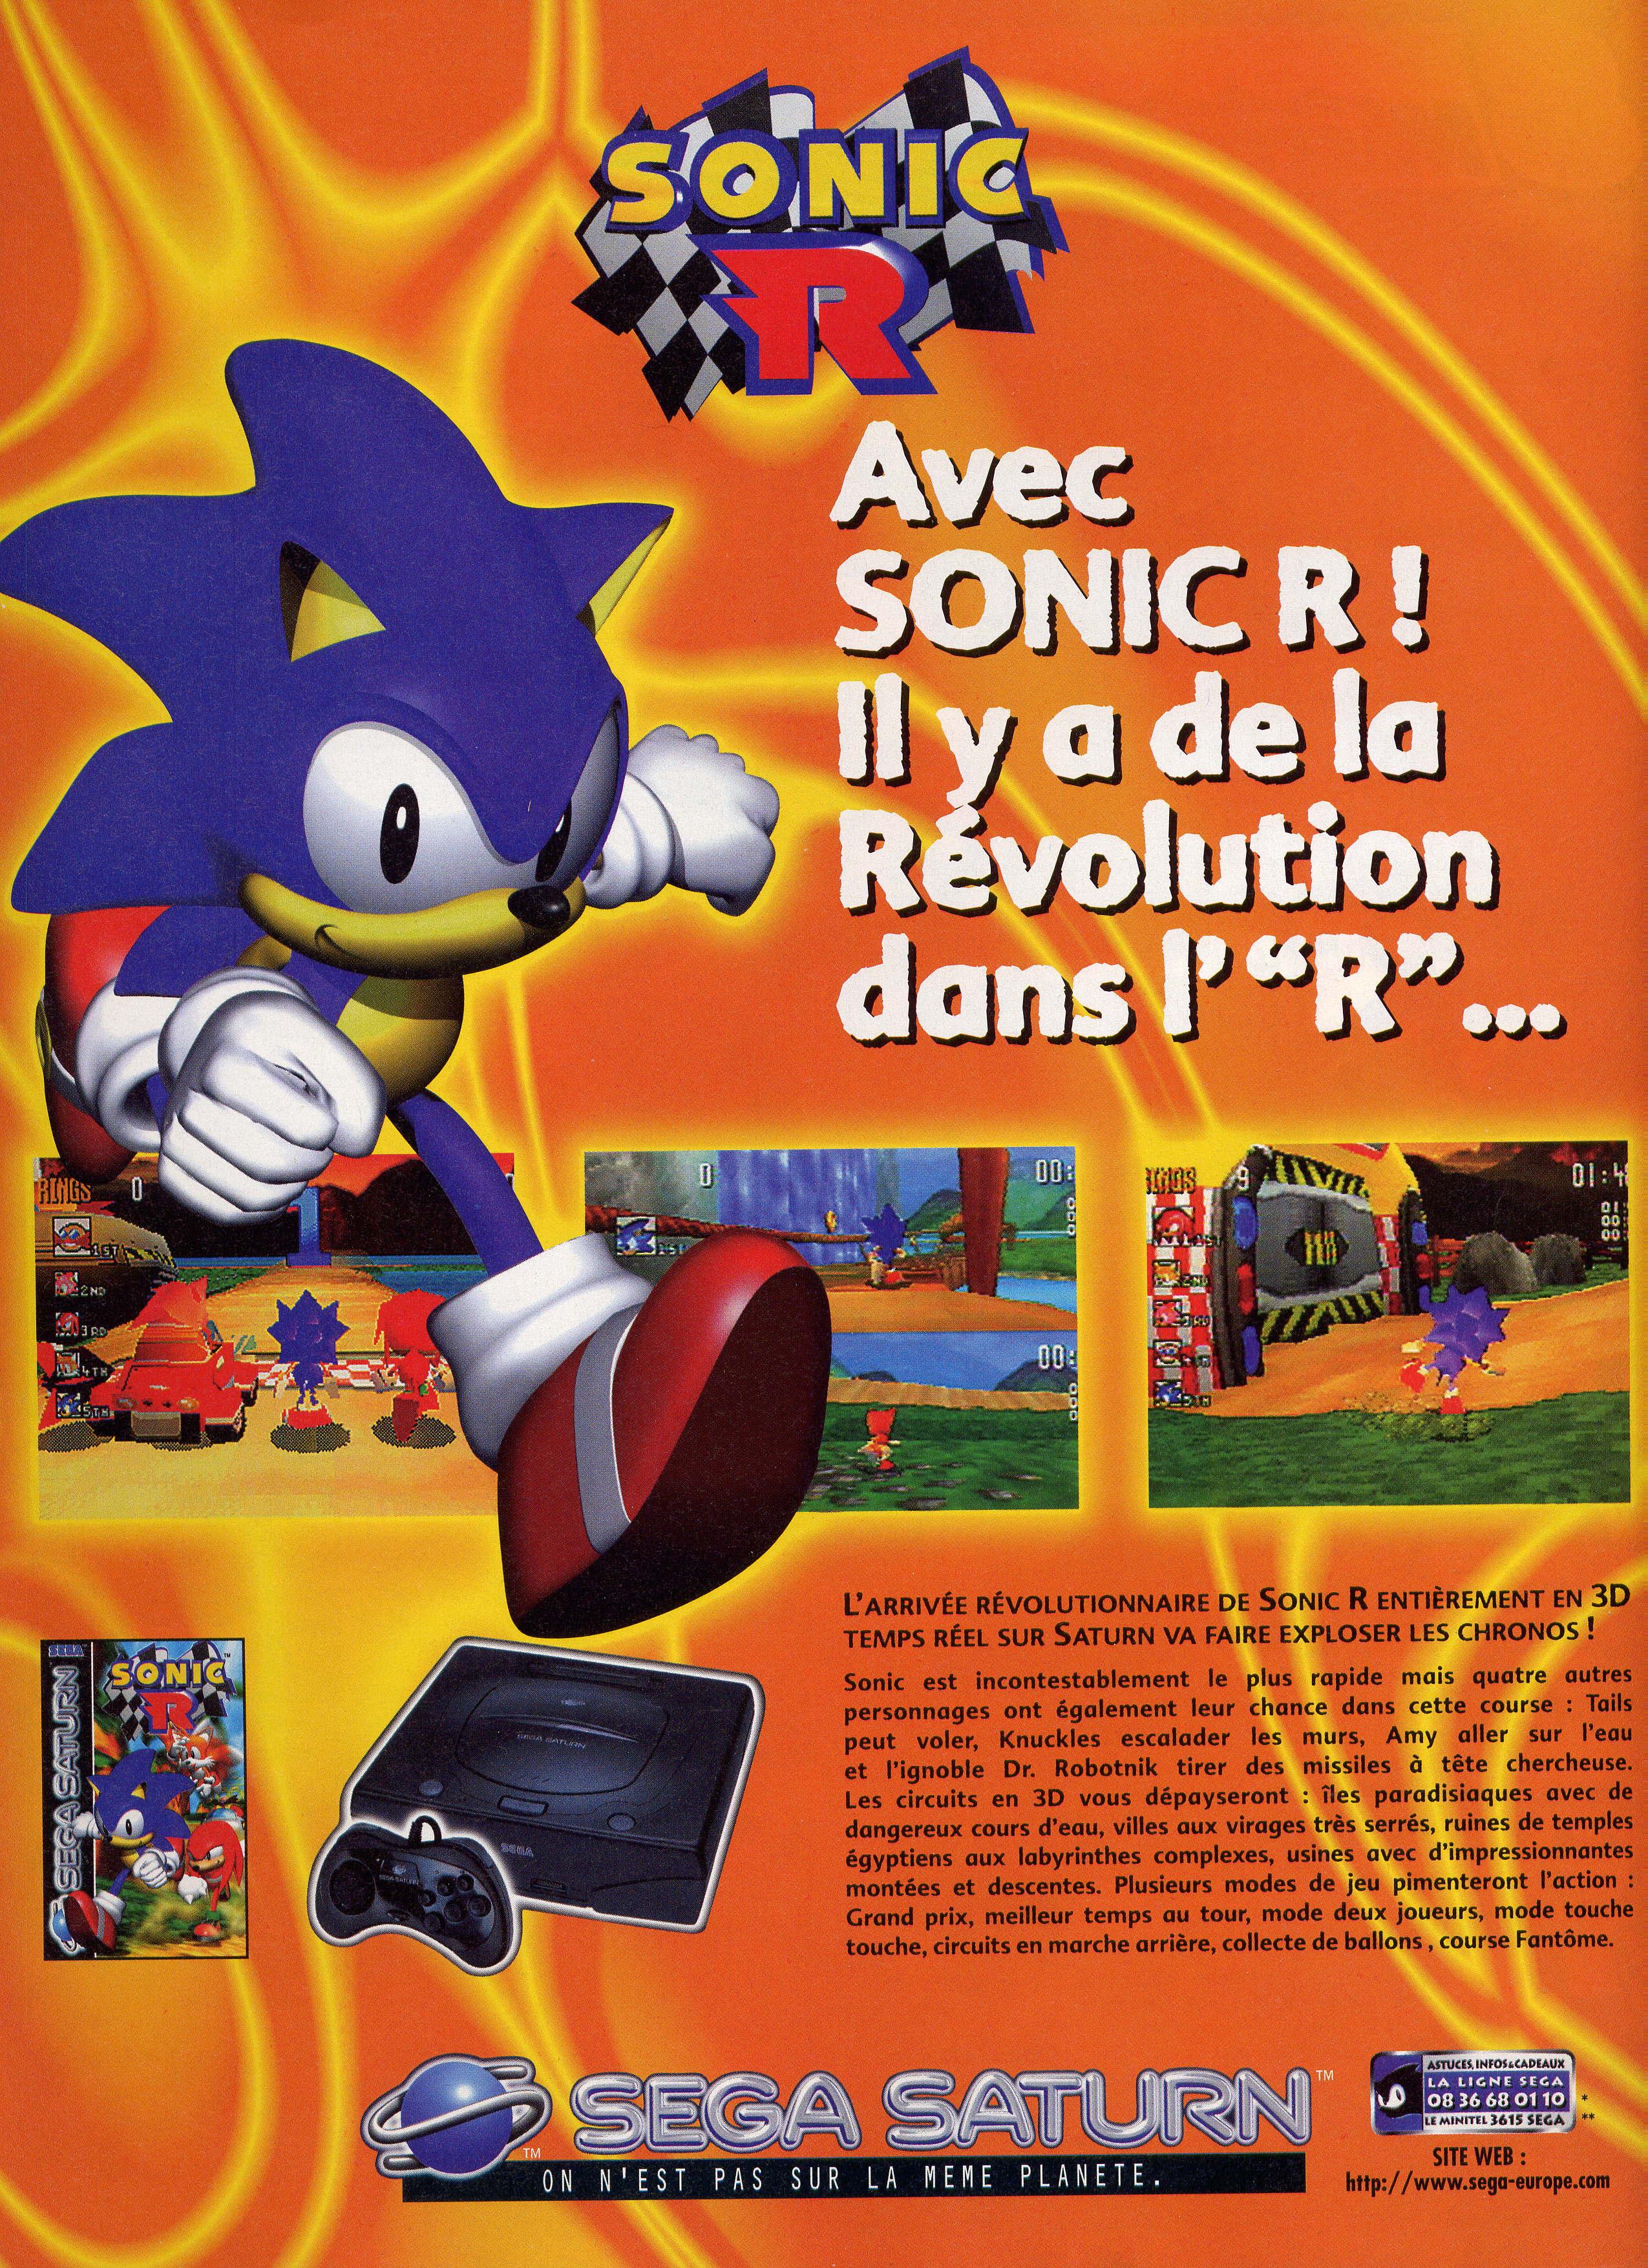 Sonic et la Pub  SonicR